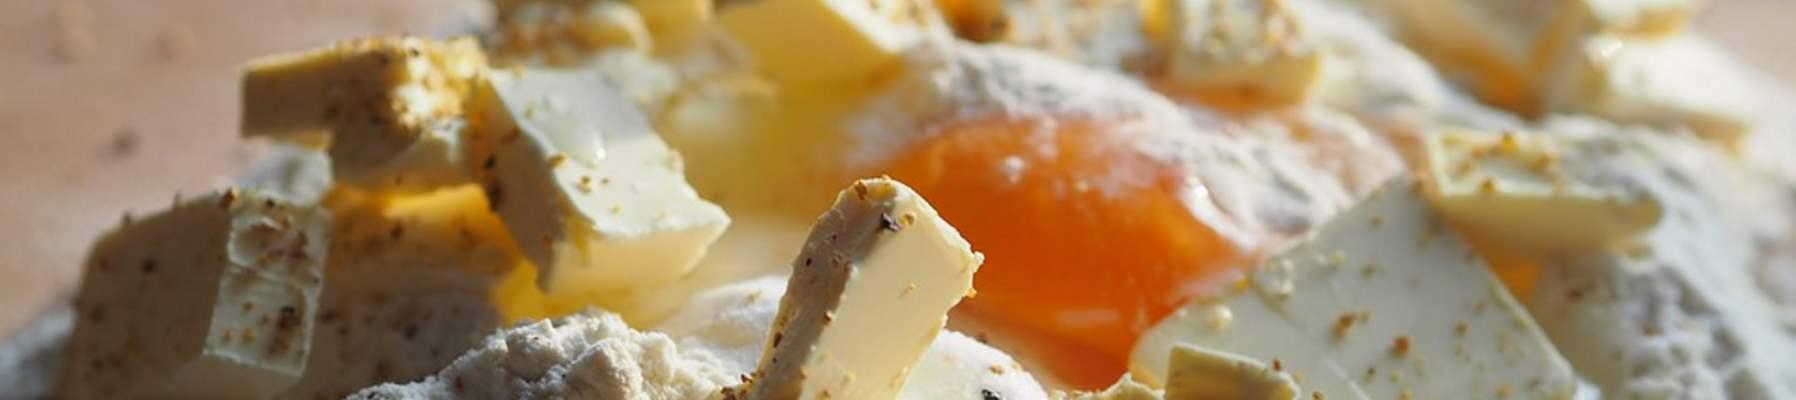 Come preparare la tradizionale ciambella romagnola